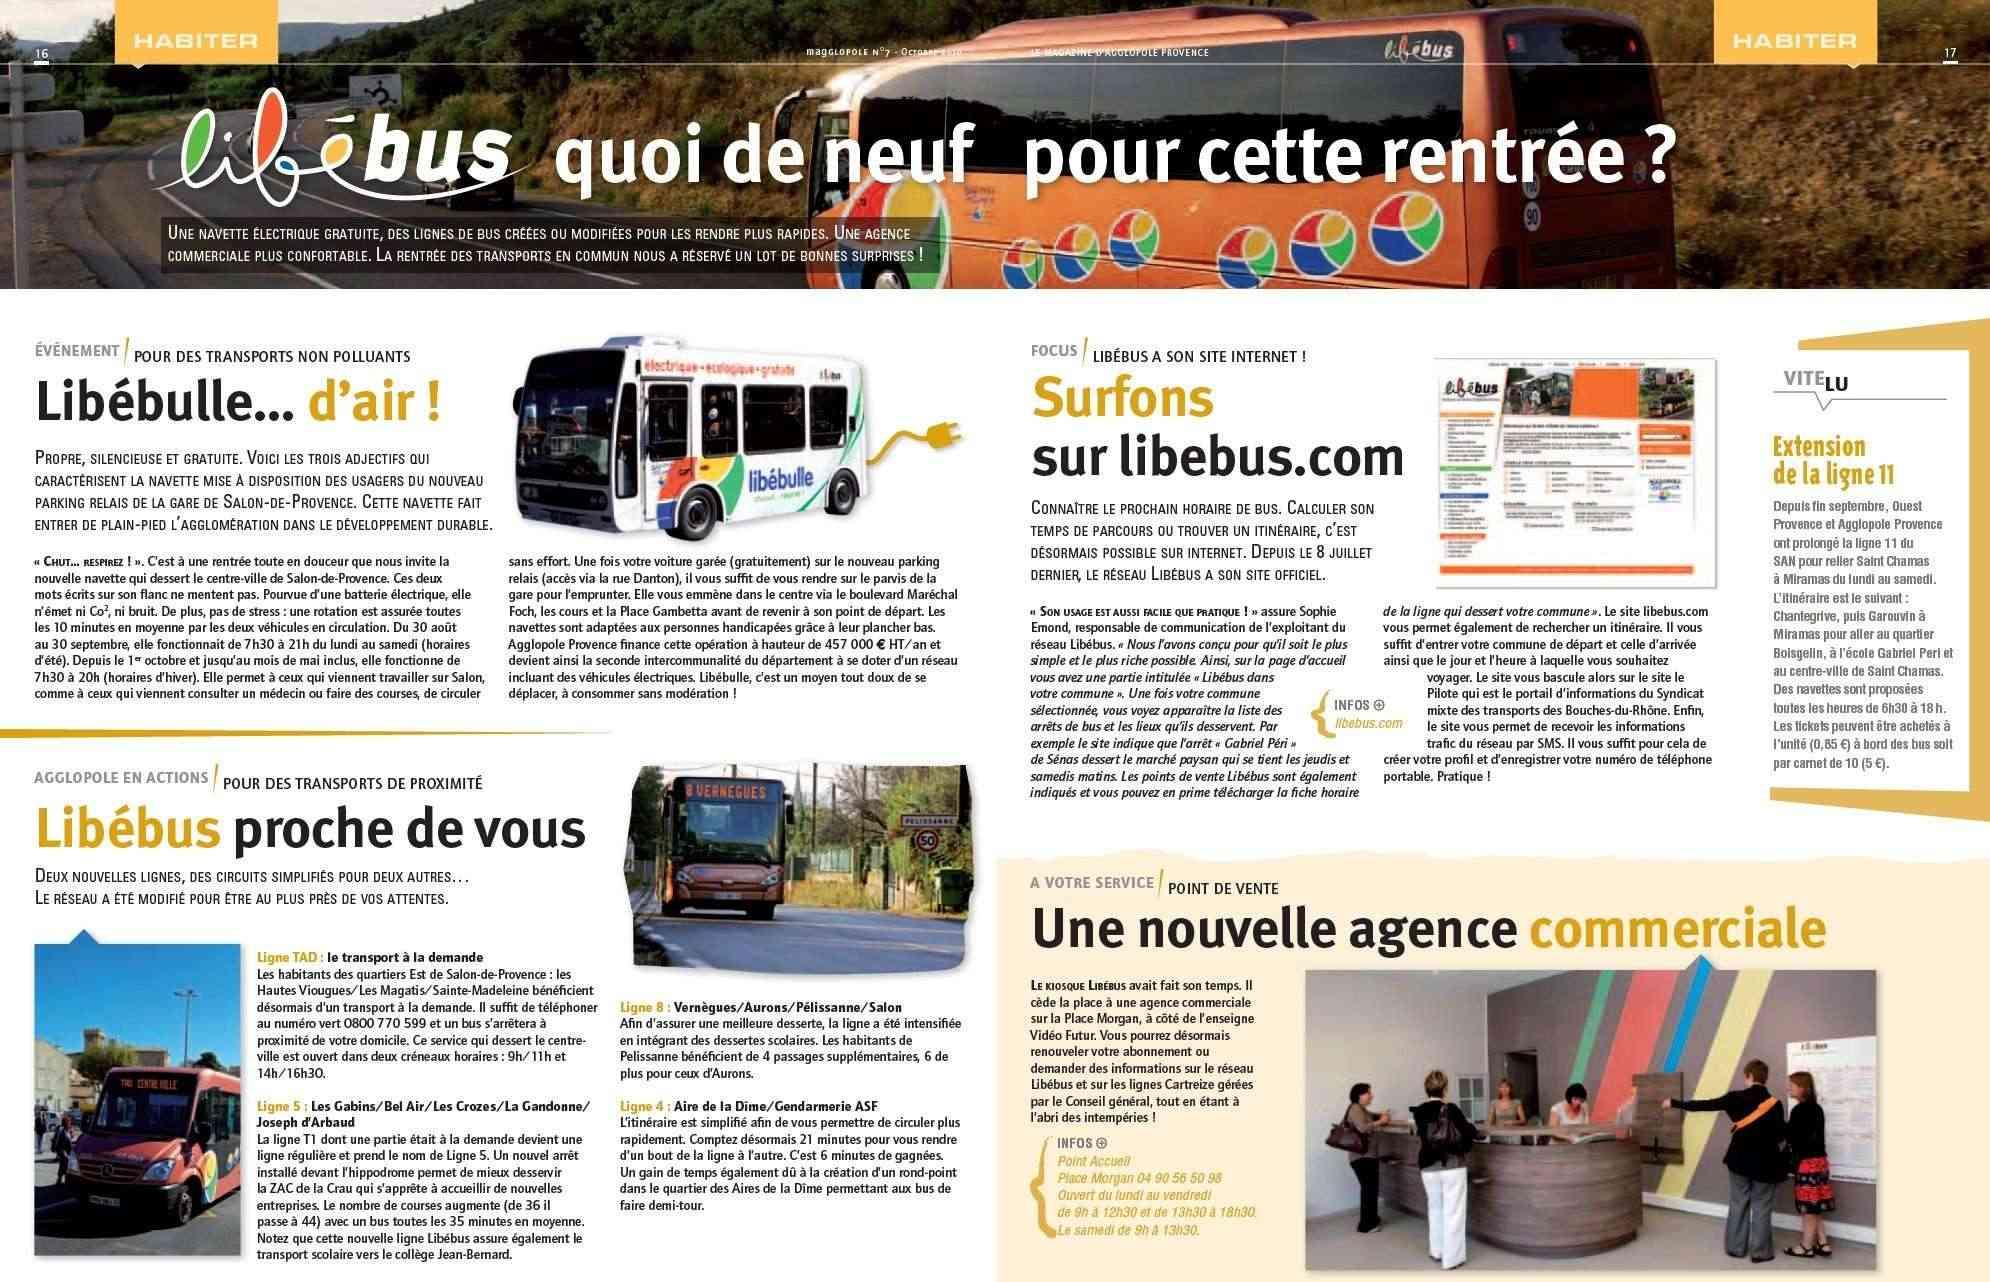 R seau lib bus salon de provence 13 - Horaire bus salon de provence ...